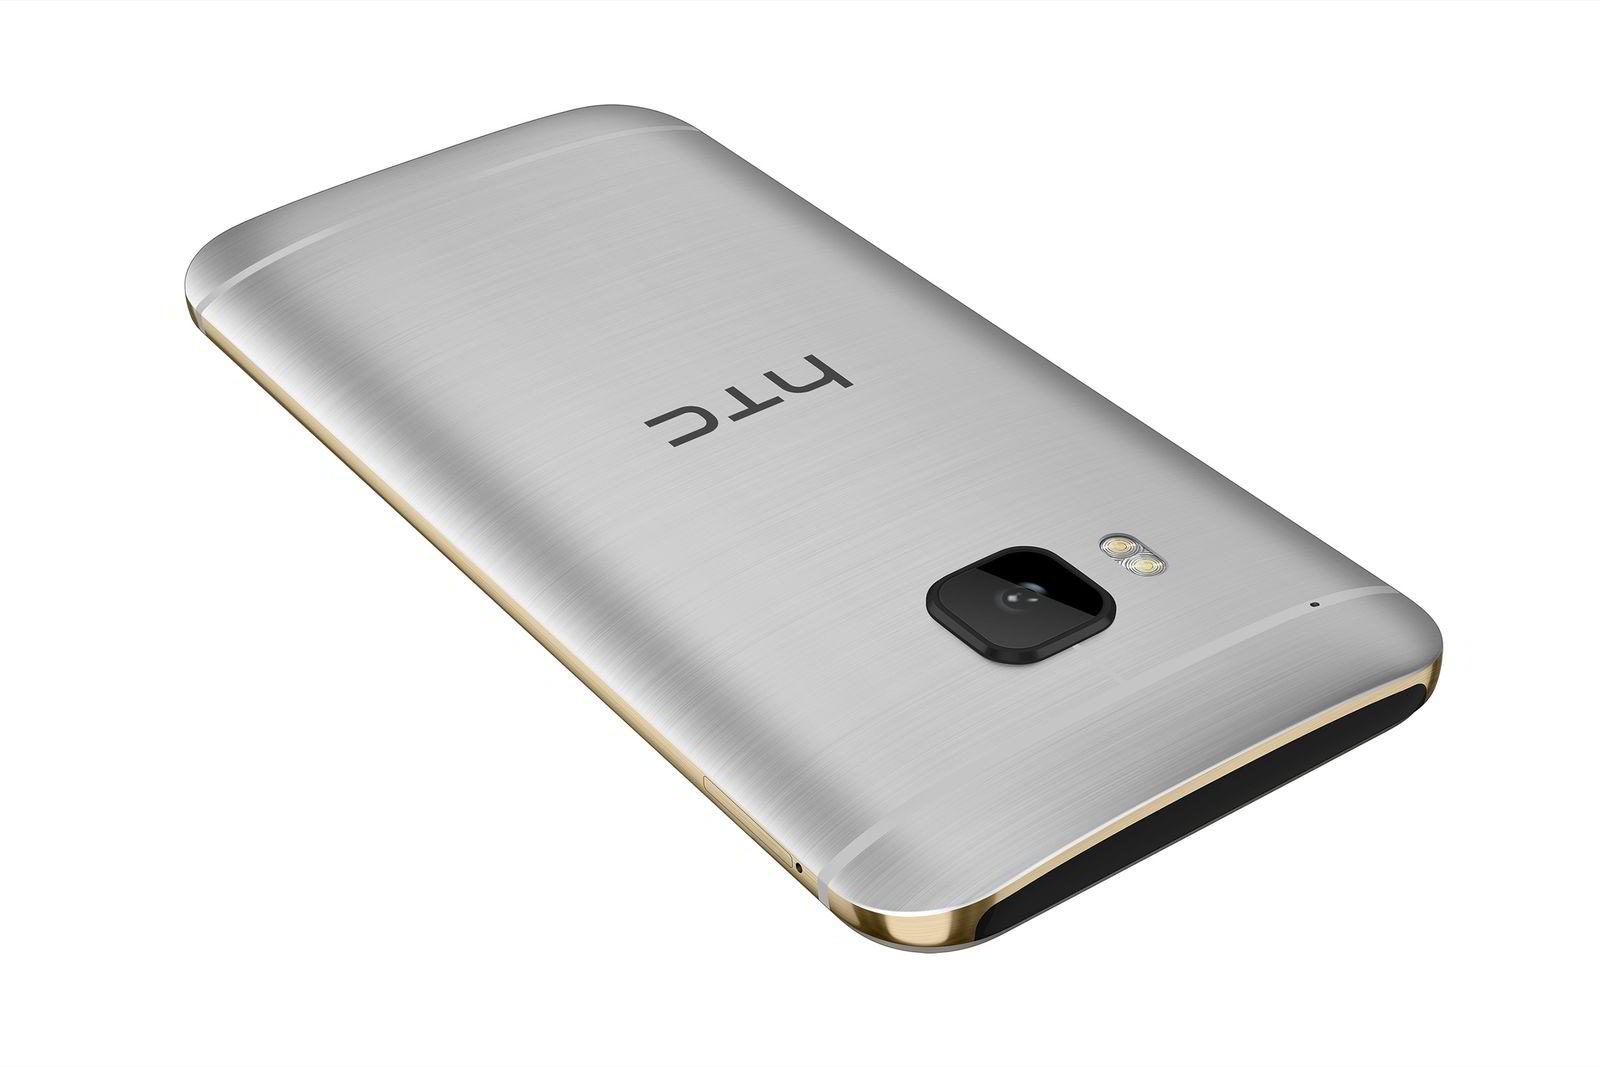 Selv om baksiden i børstet aluminium og karmen i polert kobberfinish er forskjellige ut er de ett og samme stykke metall. HTC har utviklet en metode for å lage to fargetoner ved hjelp av en ekstra runde anodisering.